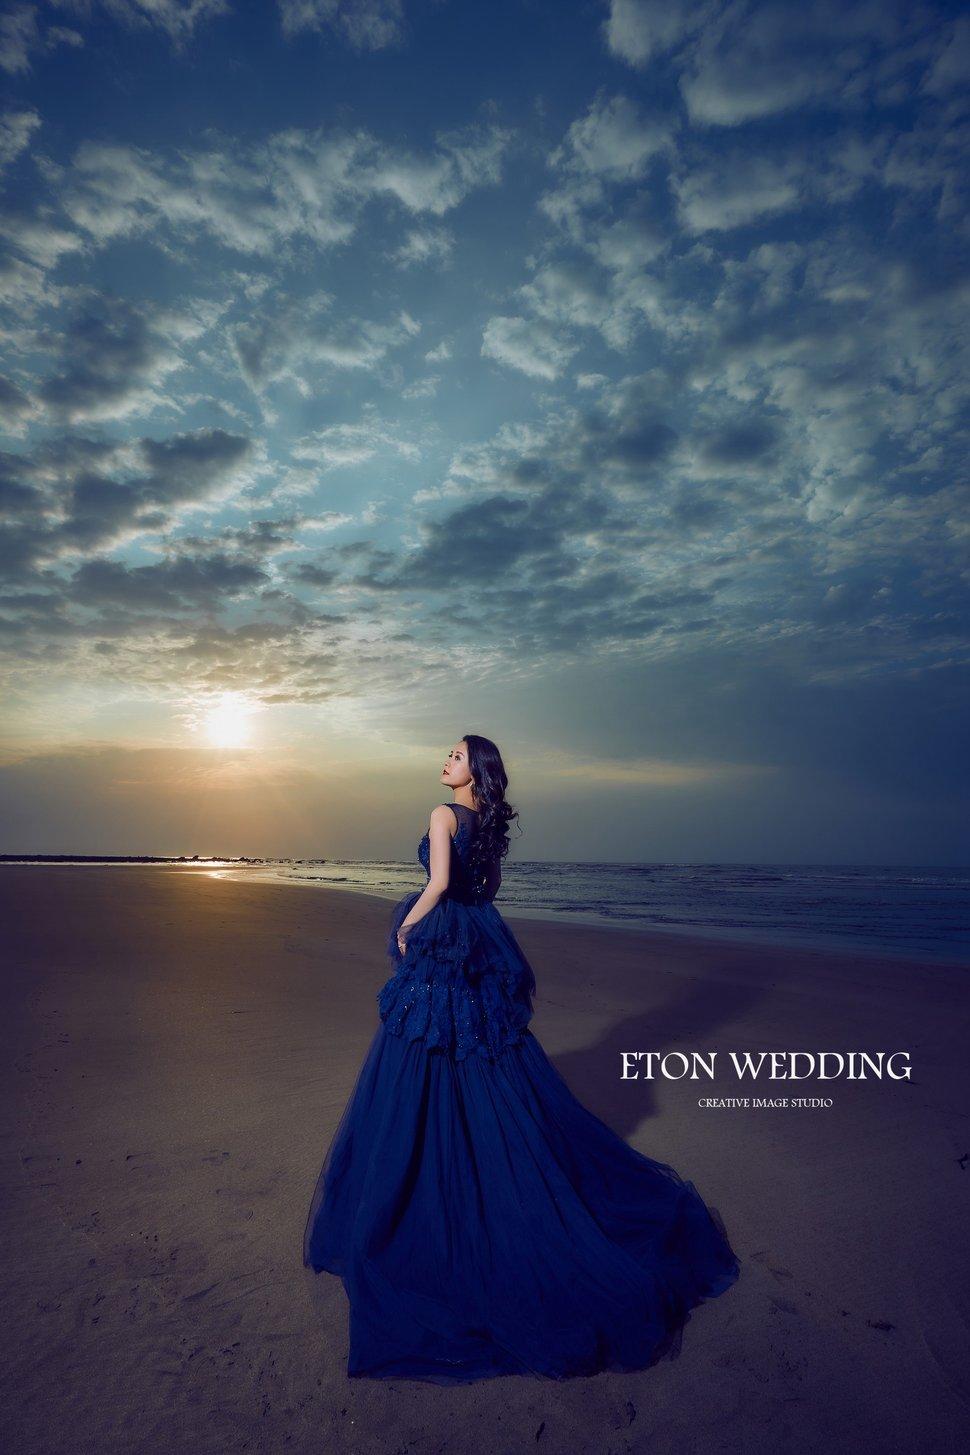 伊頓自助婚紗, 台北婚紗 (11) - 伊頓自助婚紗 ▌台北高雄板橋桃園新竹台南《結婚吧》